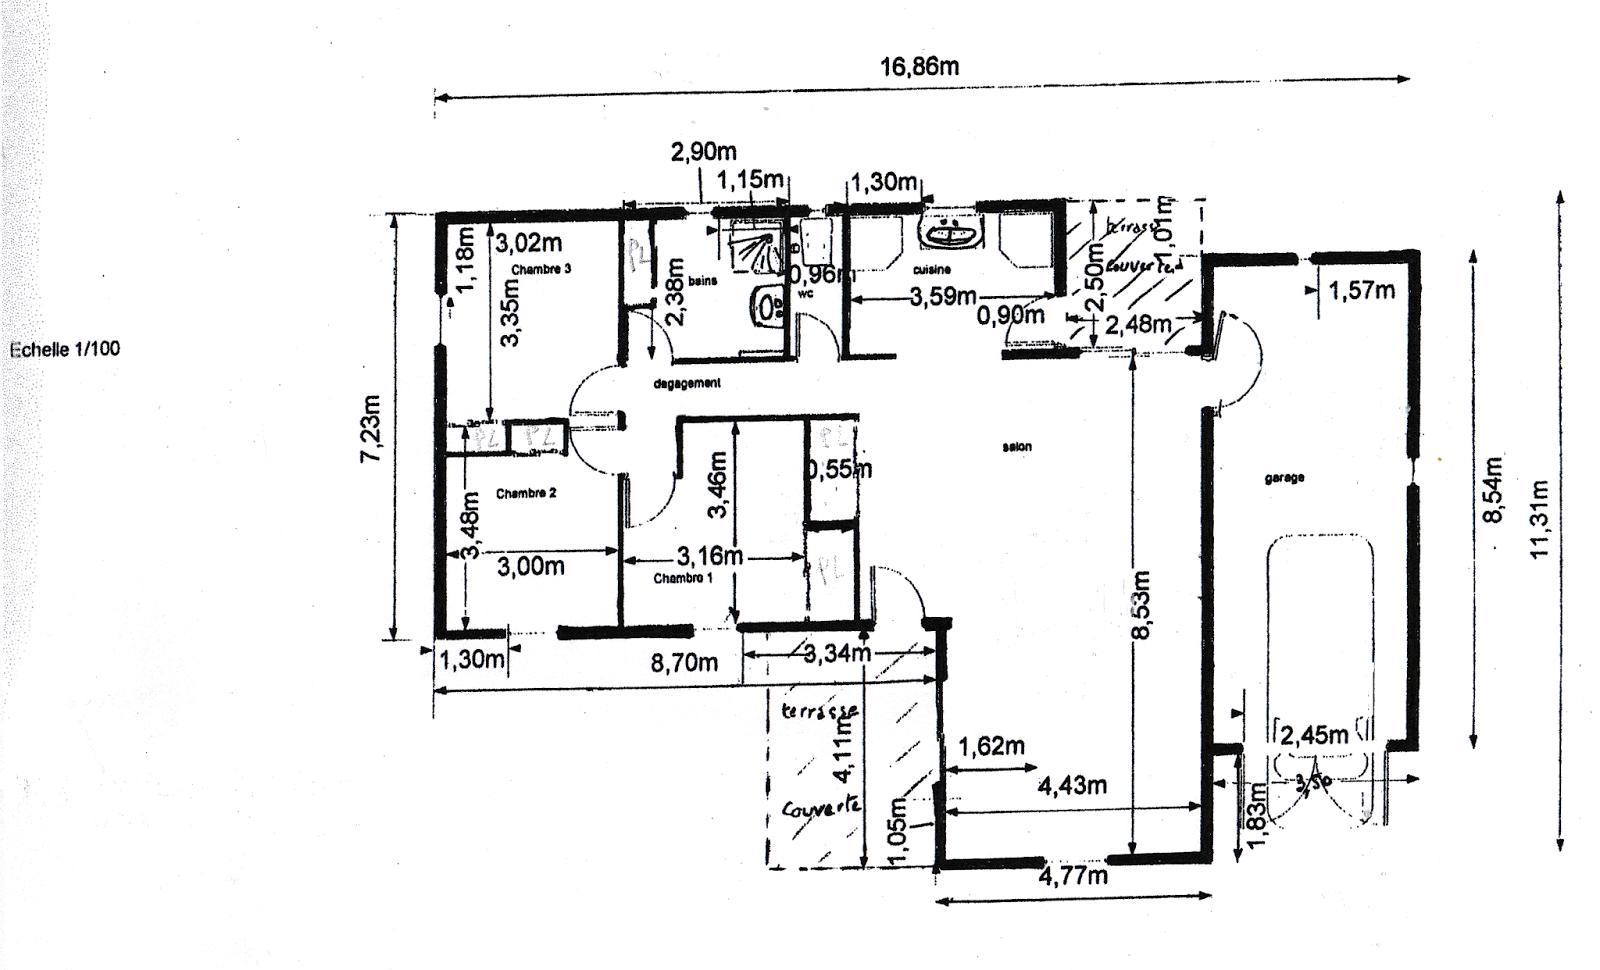 Vendu villa a peipin sisteron sud 04200 plan maison de for Plan maison sud